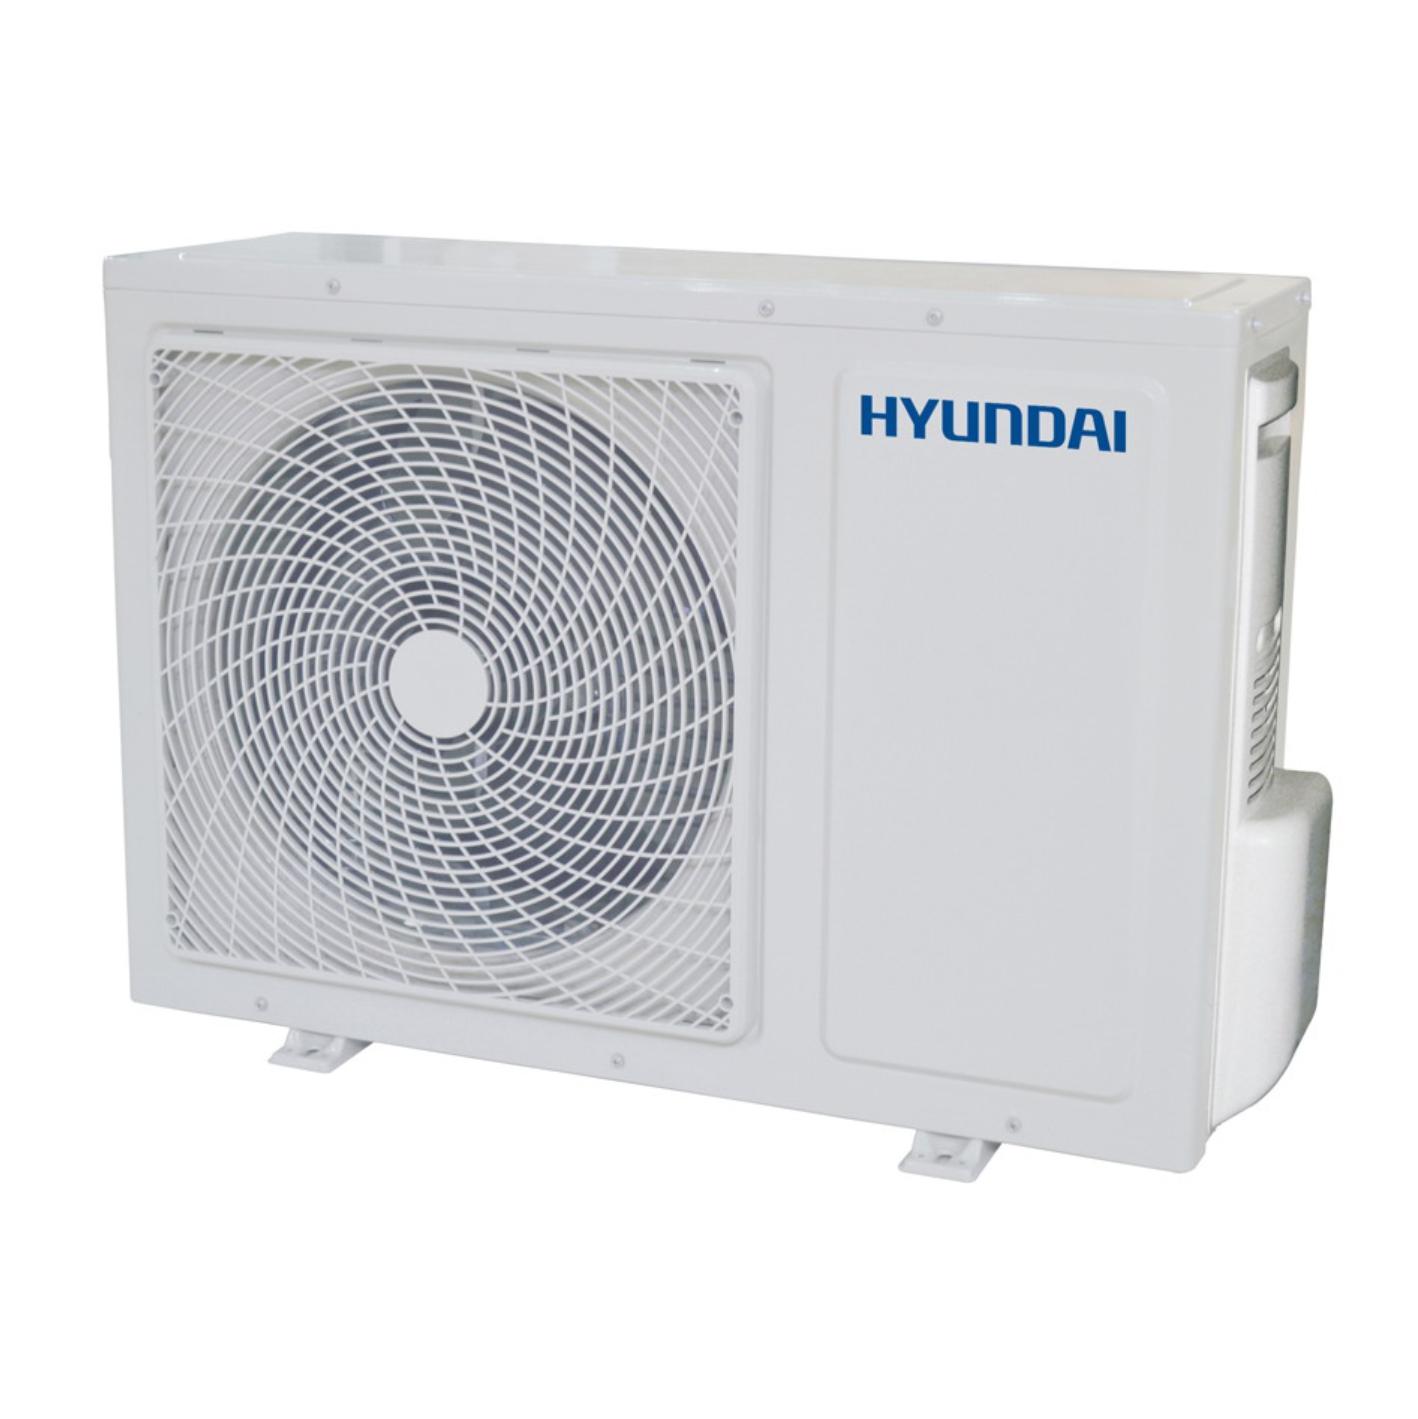 Hyundai Klima Uređaj 2 6kw Hrh 09smv Hro 09smv